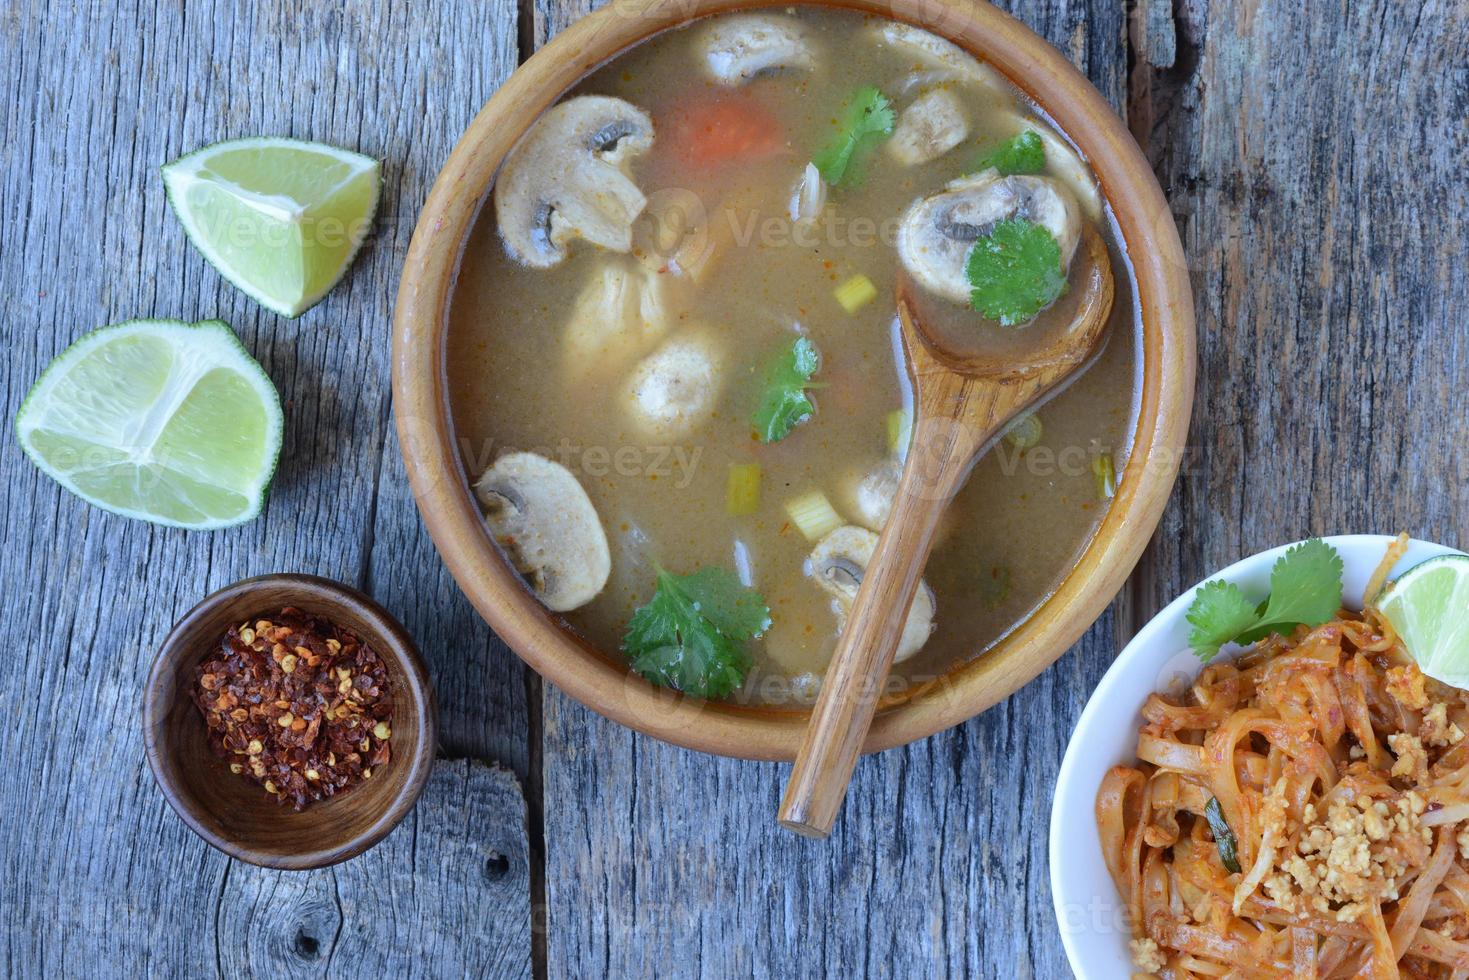 tom yum y fideos de estilo tailandés (cocina tailandesa) foto